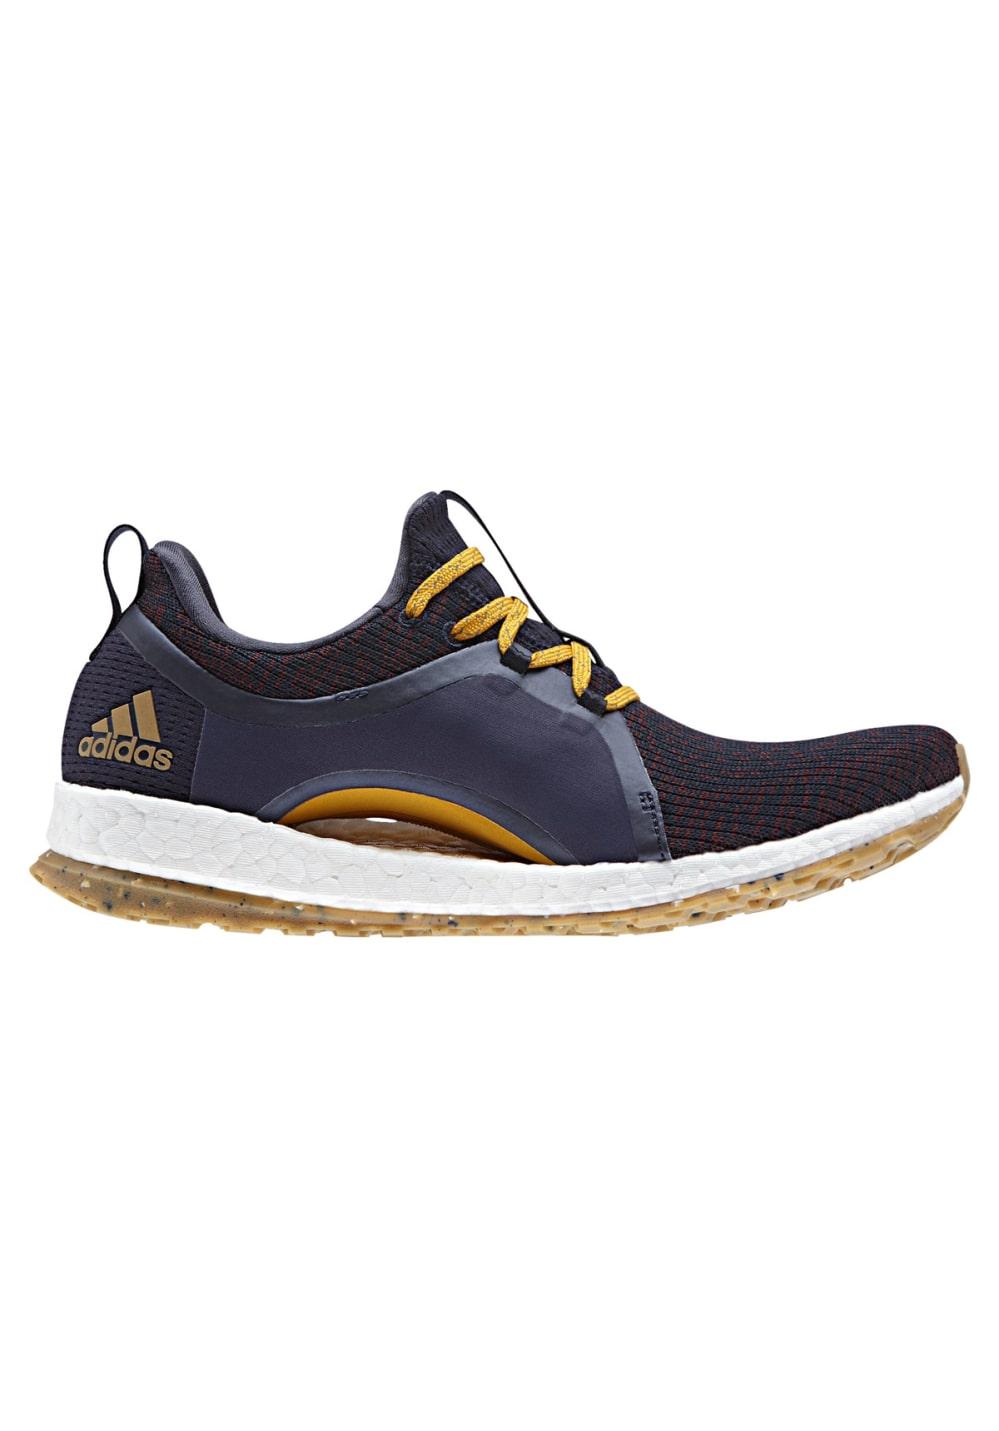 Sportschuhe für Frauen - adidas PureBOOST X ATR Laufschuhe für Damen Schwarz  - Onlineshop 21Run